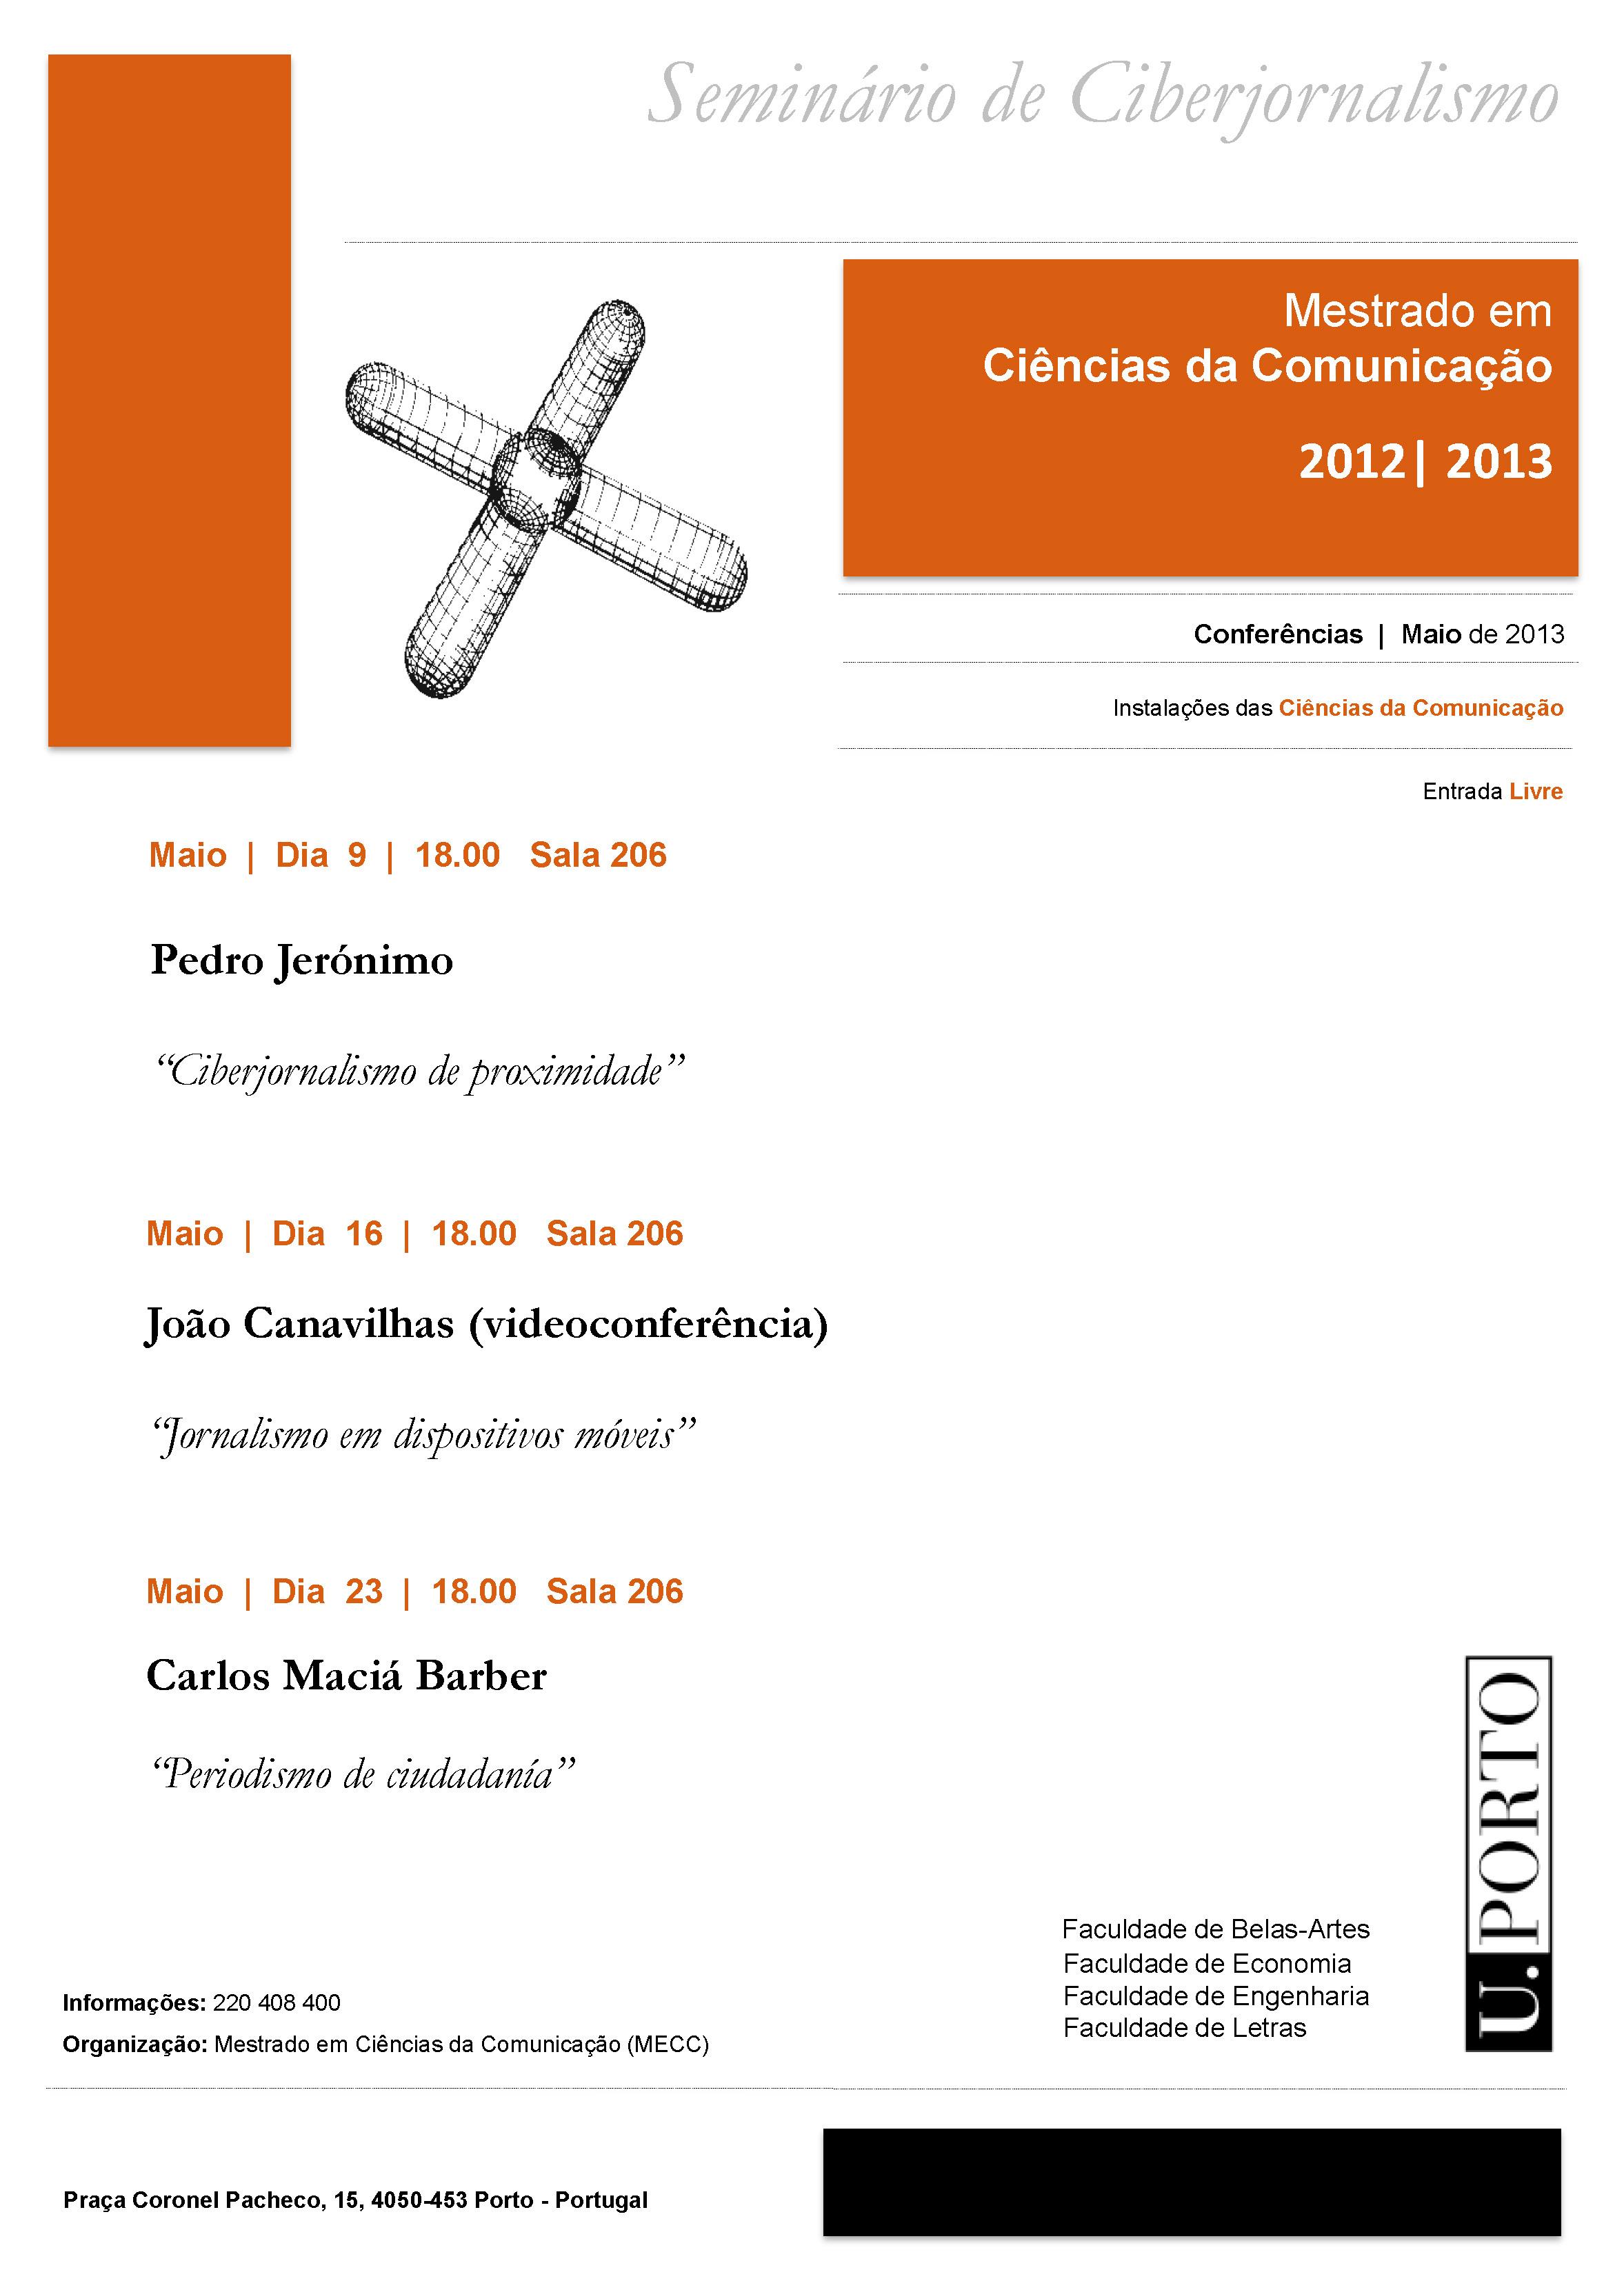 seminario_ciberjornalismo_maio2013.jpg